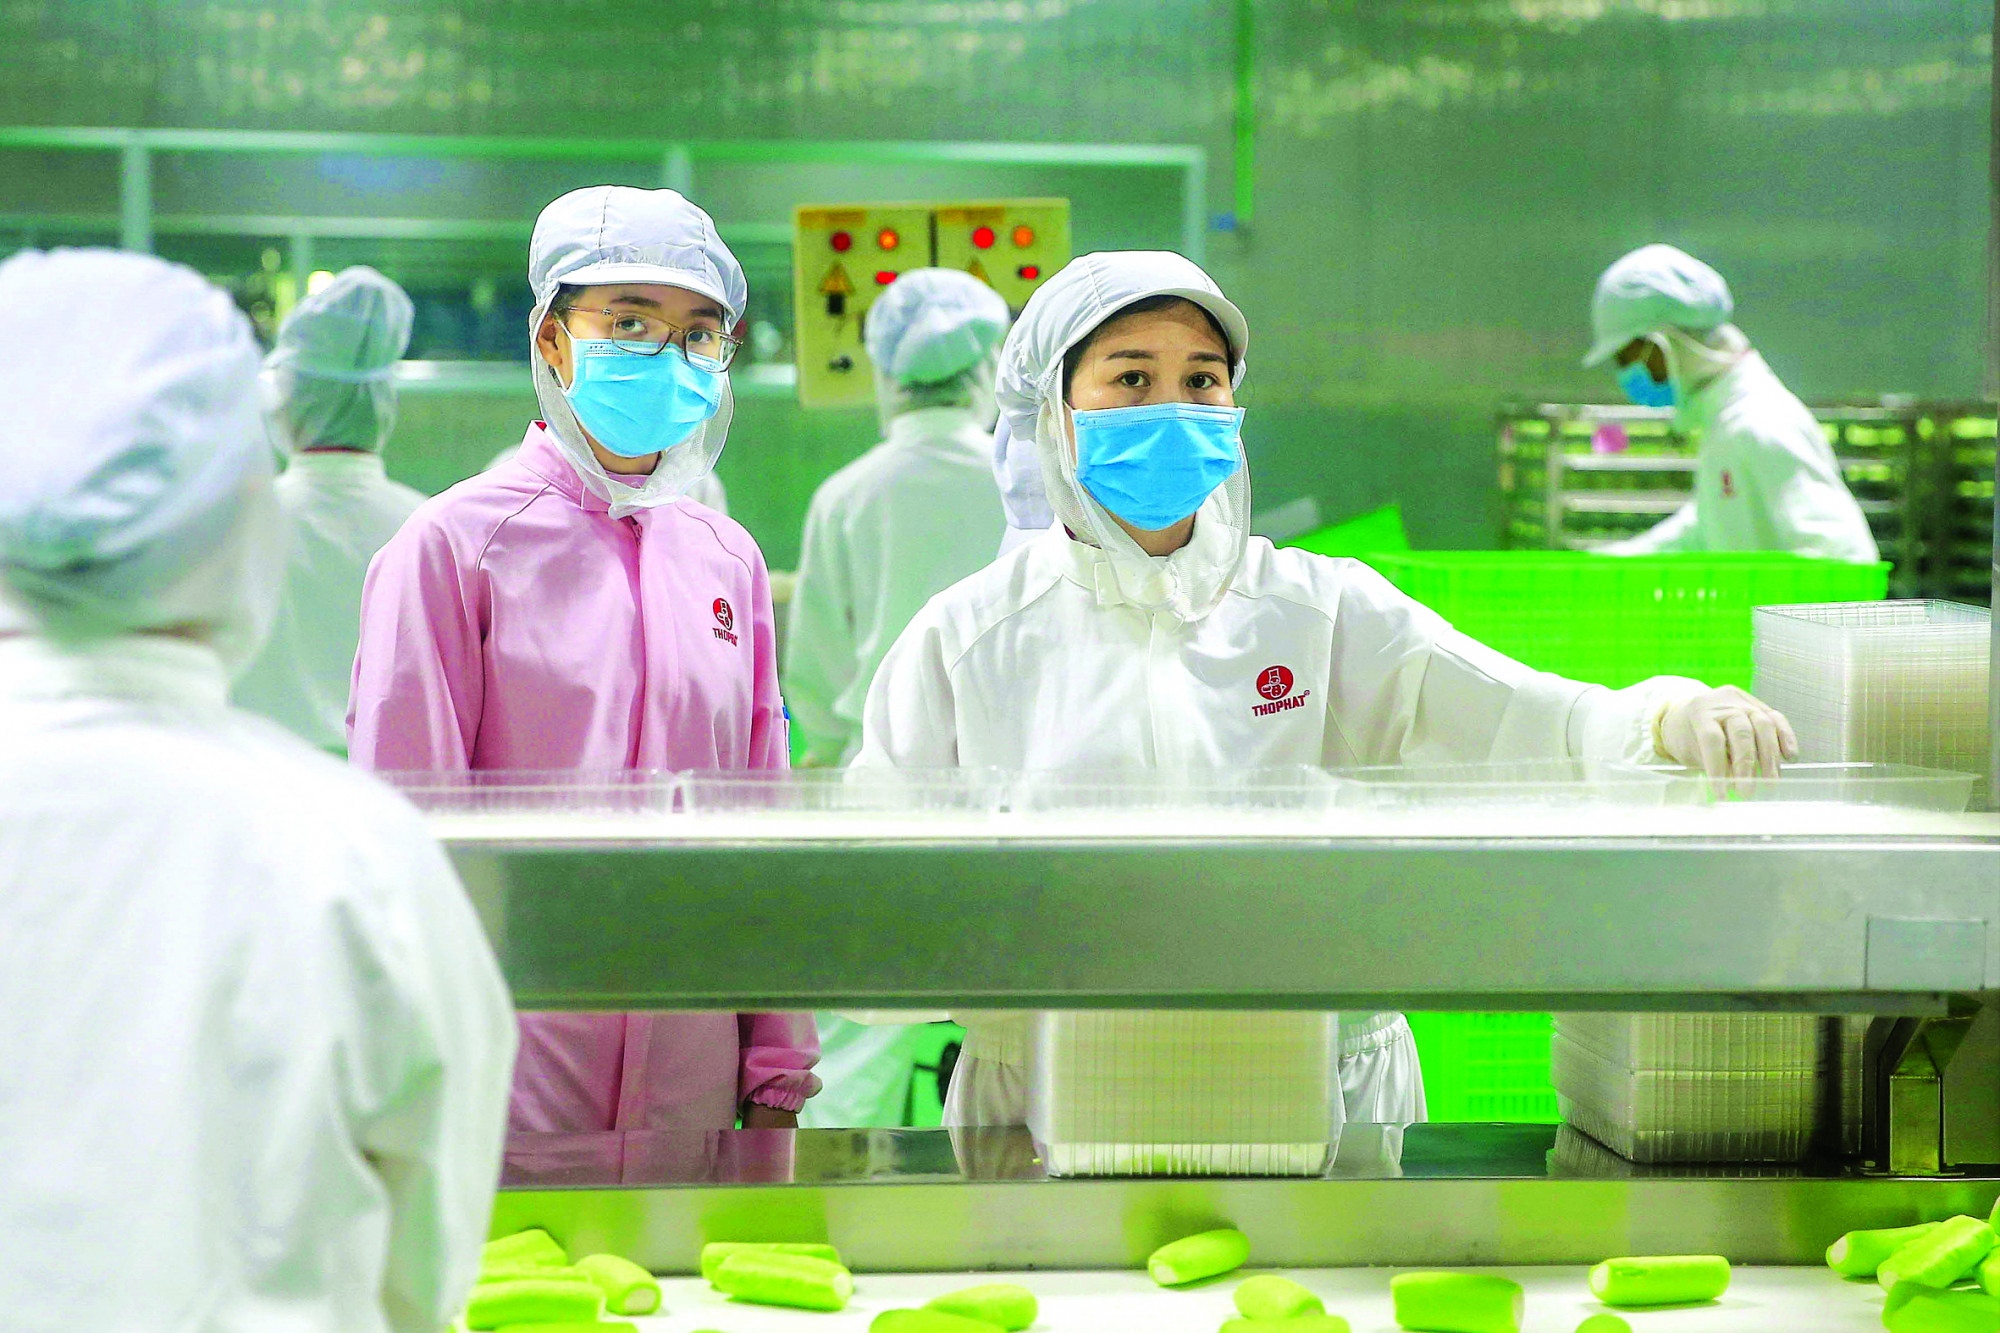 Dù thuộc nhóm sản xuất mặt hàng thiết yếu nhưng không phải công ty thực phẩm nào cũng có thể duy trì hoạt động trong dịch COVID-19 (trong ảnh: Sản xuất bánh bao tại Công ty TNHH MTV Chế biến thực phẩm Thọ Phát) - ẢNH: LINH LINH